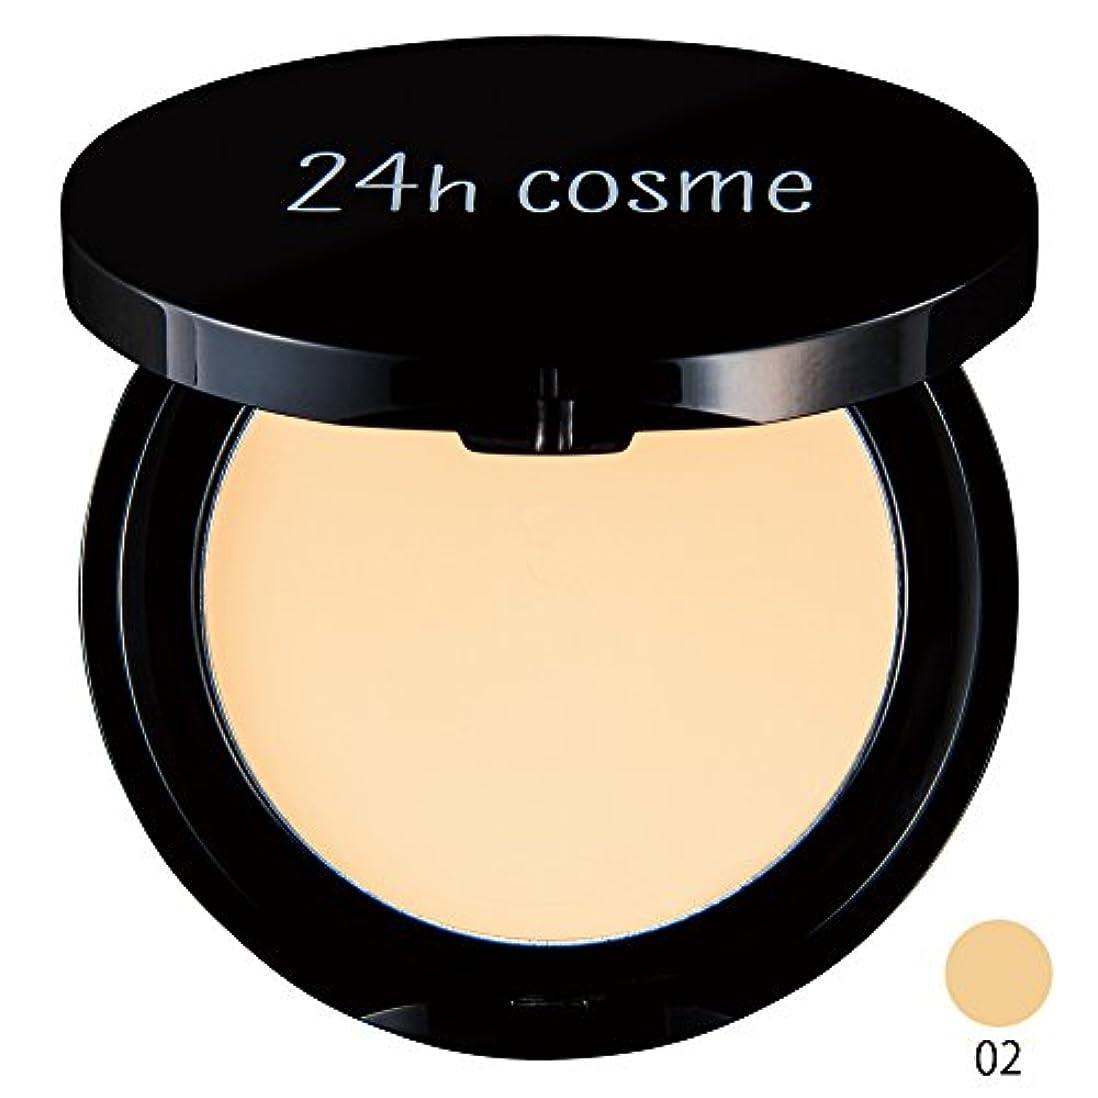 歯ガムいたずらな24h cosme 24 ミネラルクリームファンデ 02ライト SPF50+/PA++++